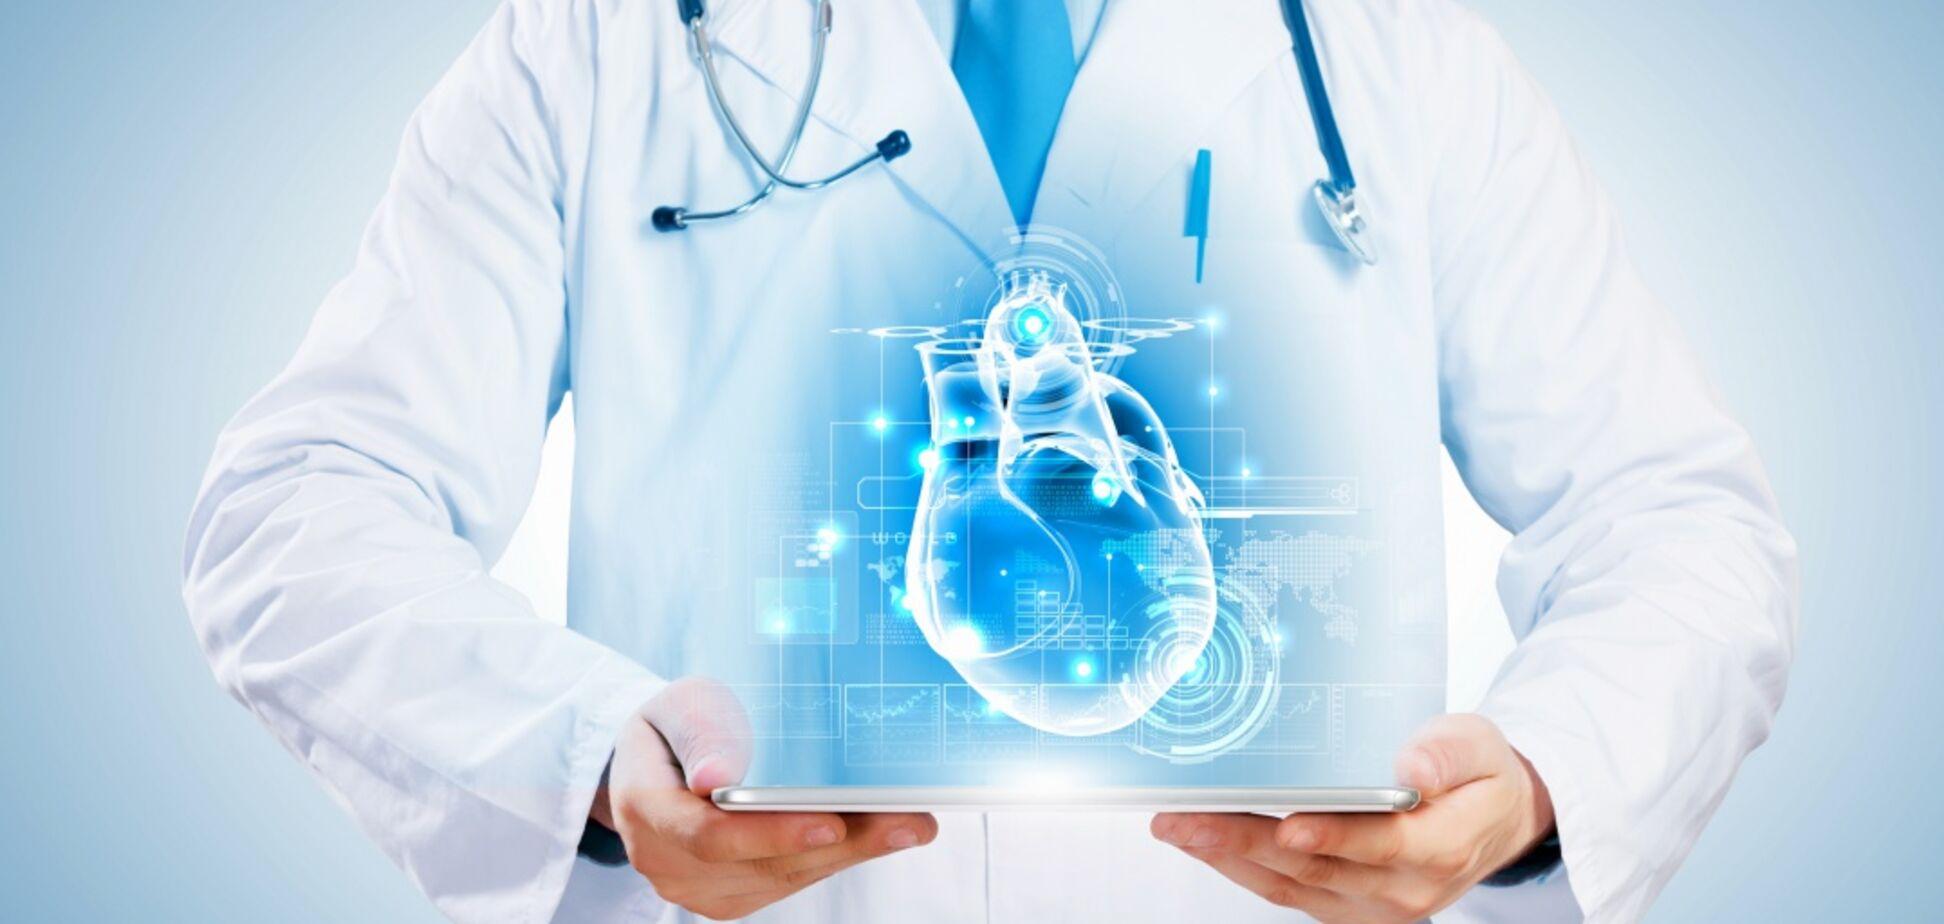 Обследование сердца: как часто нужно ходить на профосмотр к кардиологу